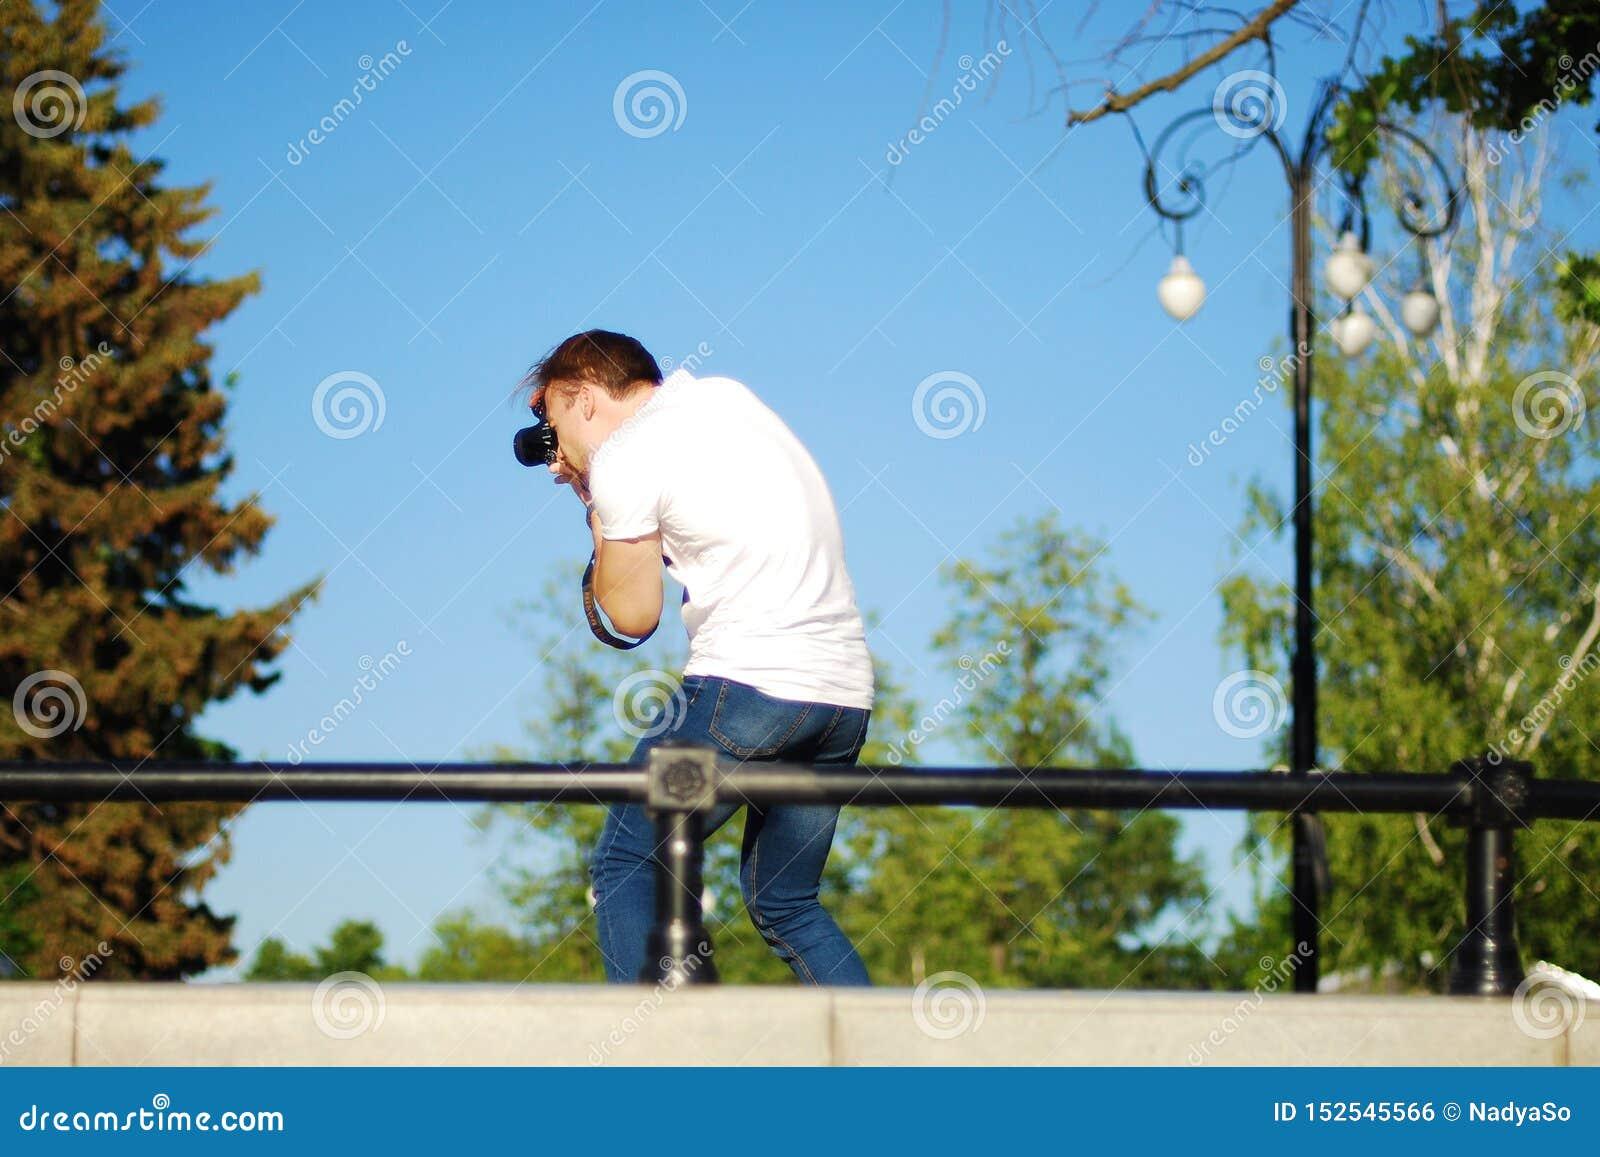 Fotograf bei der Arbeit im Stadtpark, Fotoaufnahme in der Natur